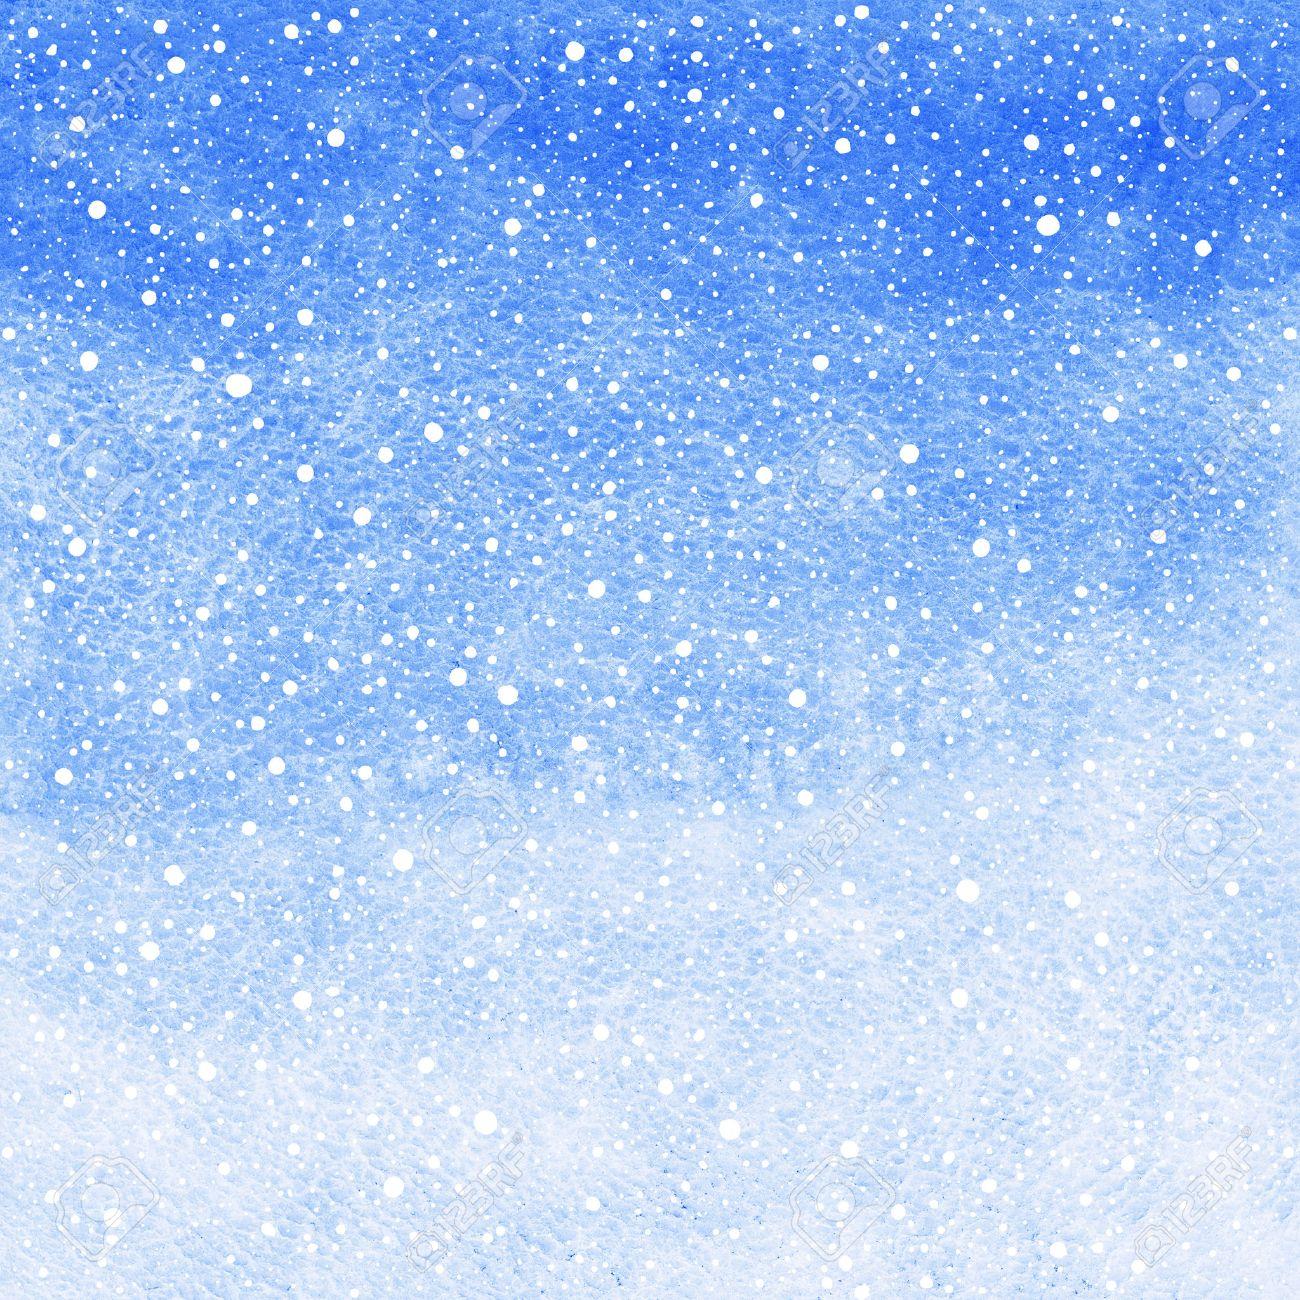 Acuarela Abstracta Fondo De Invierno Con La Caída De La Textura De